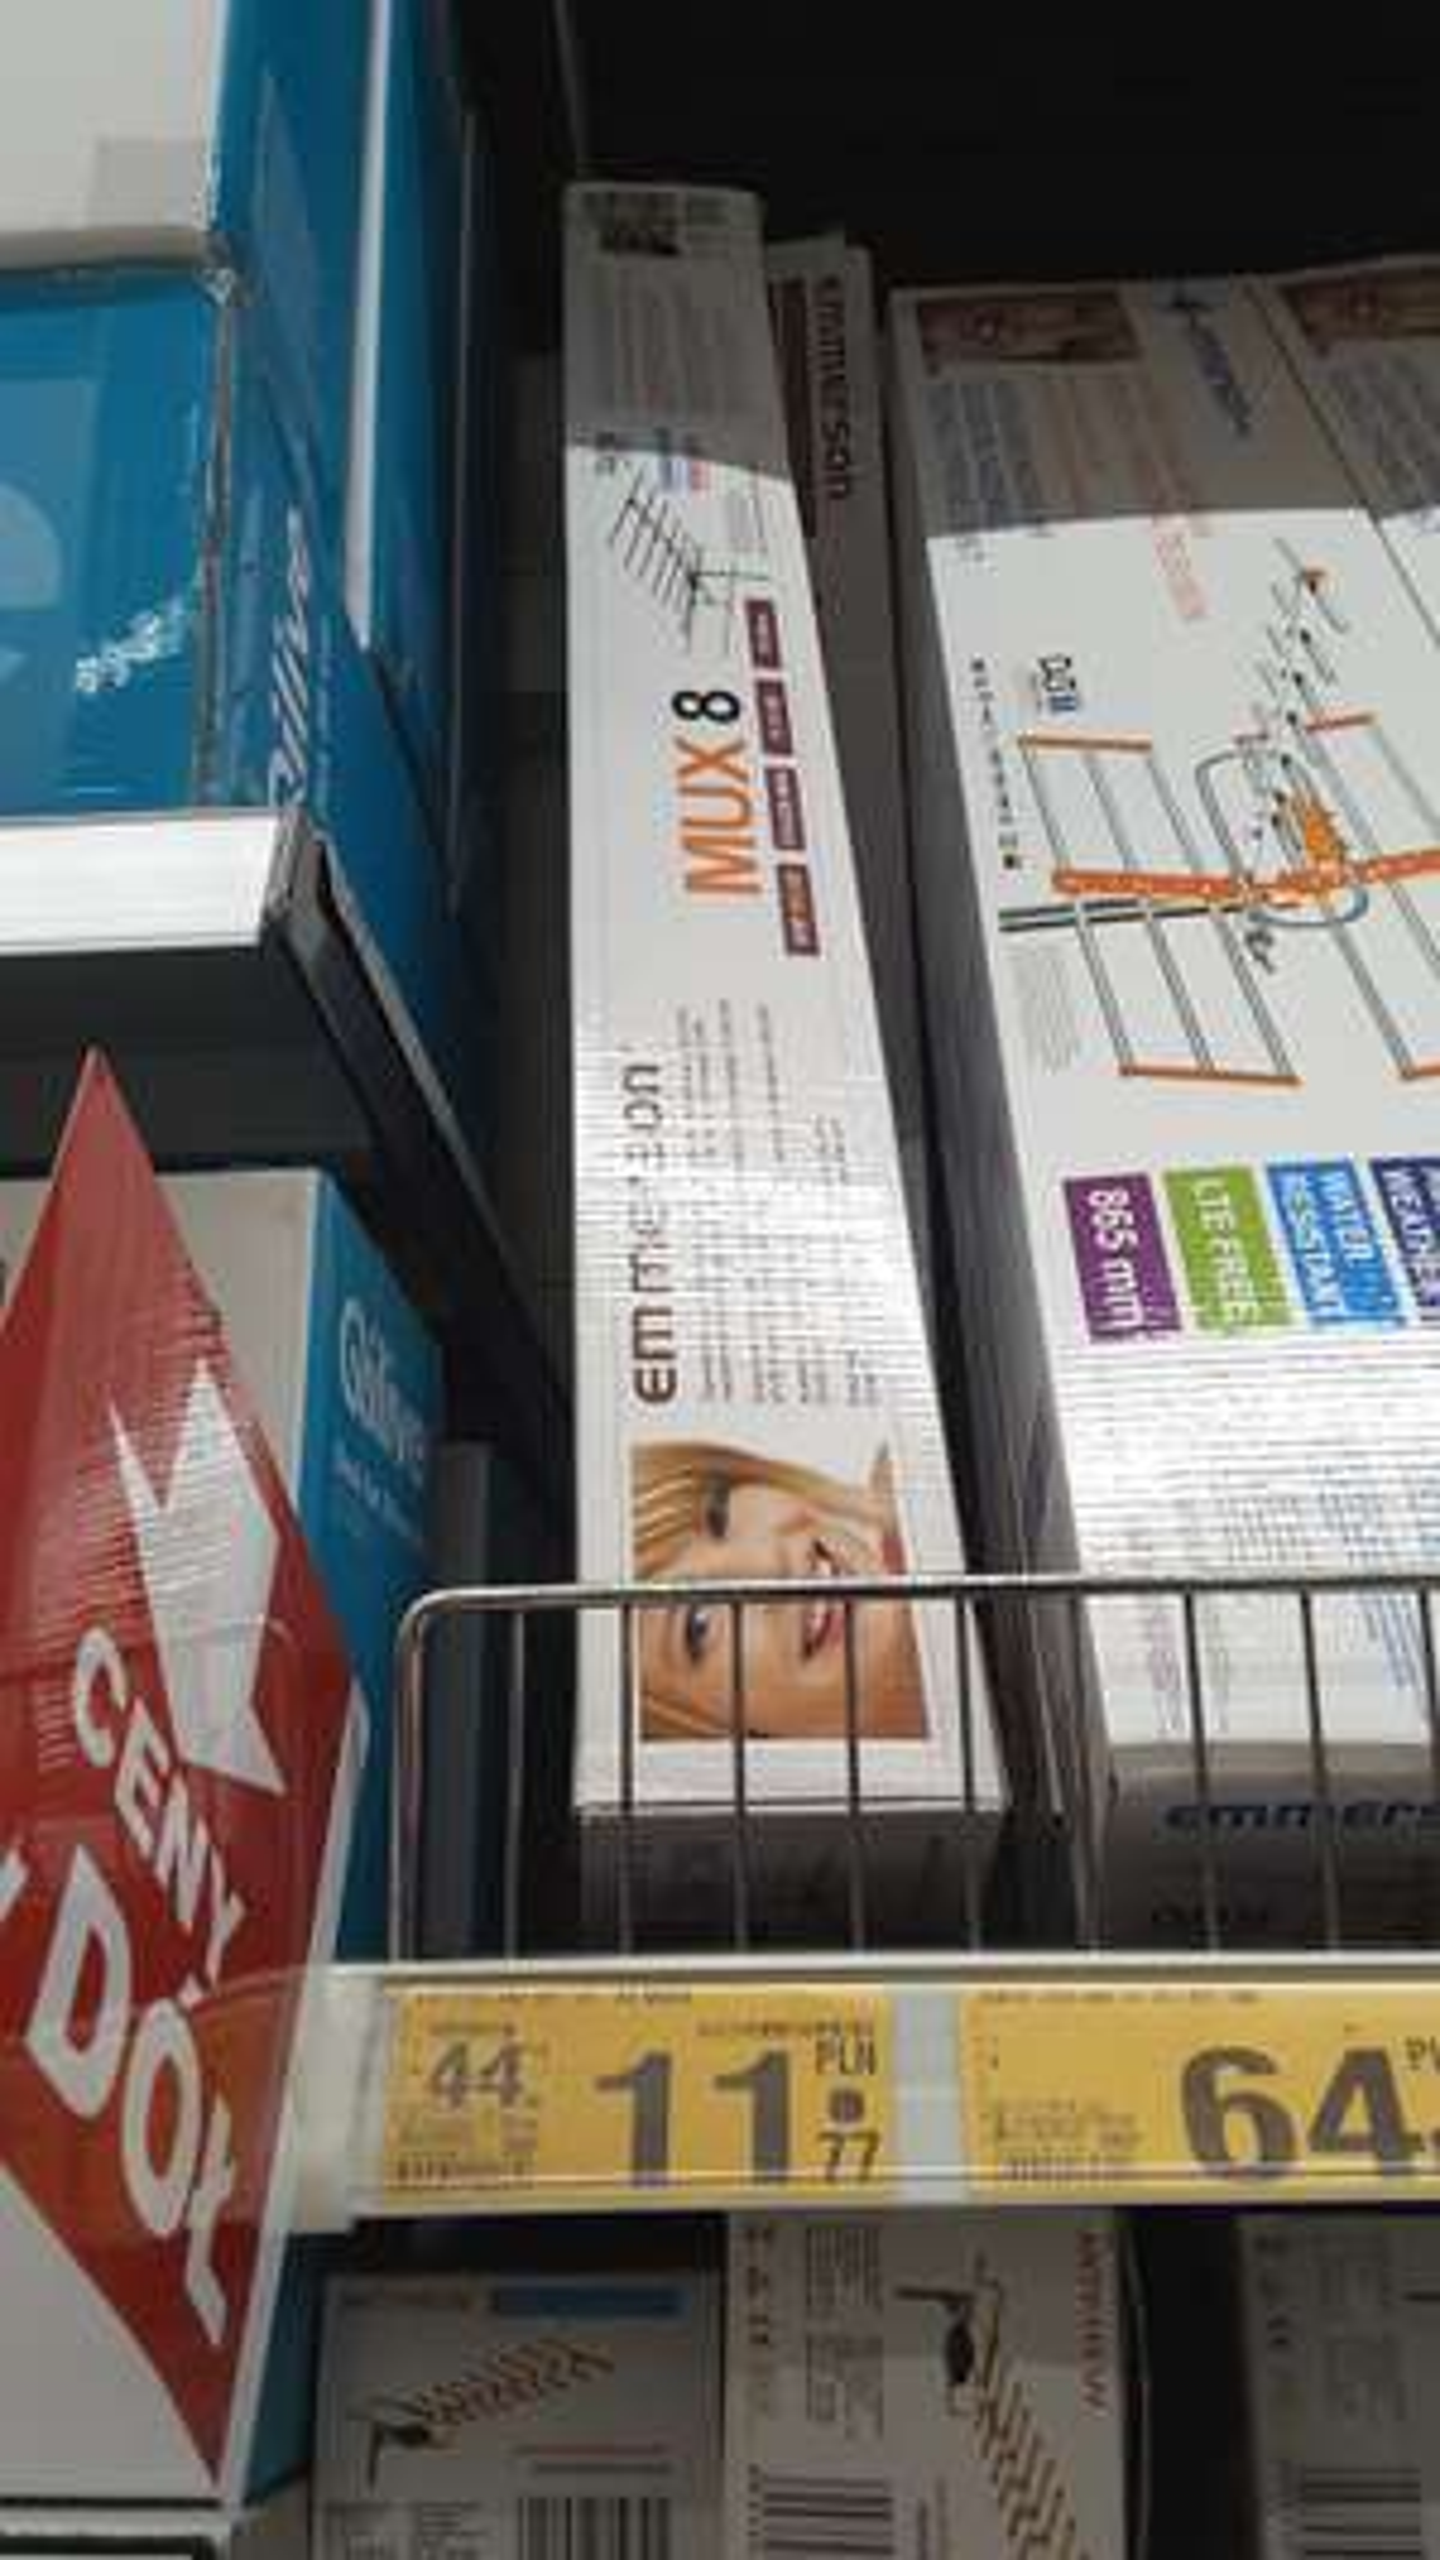 Antena kierunkowa Emmerson MUX8, Auchan